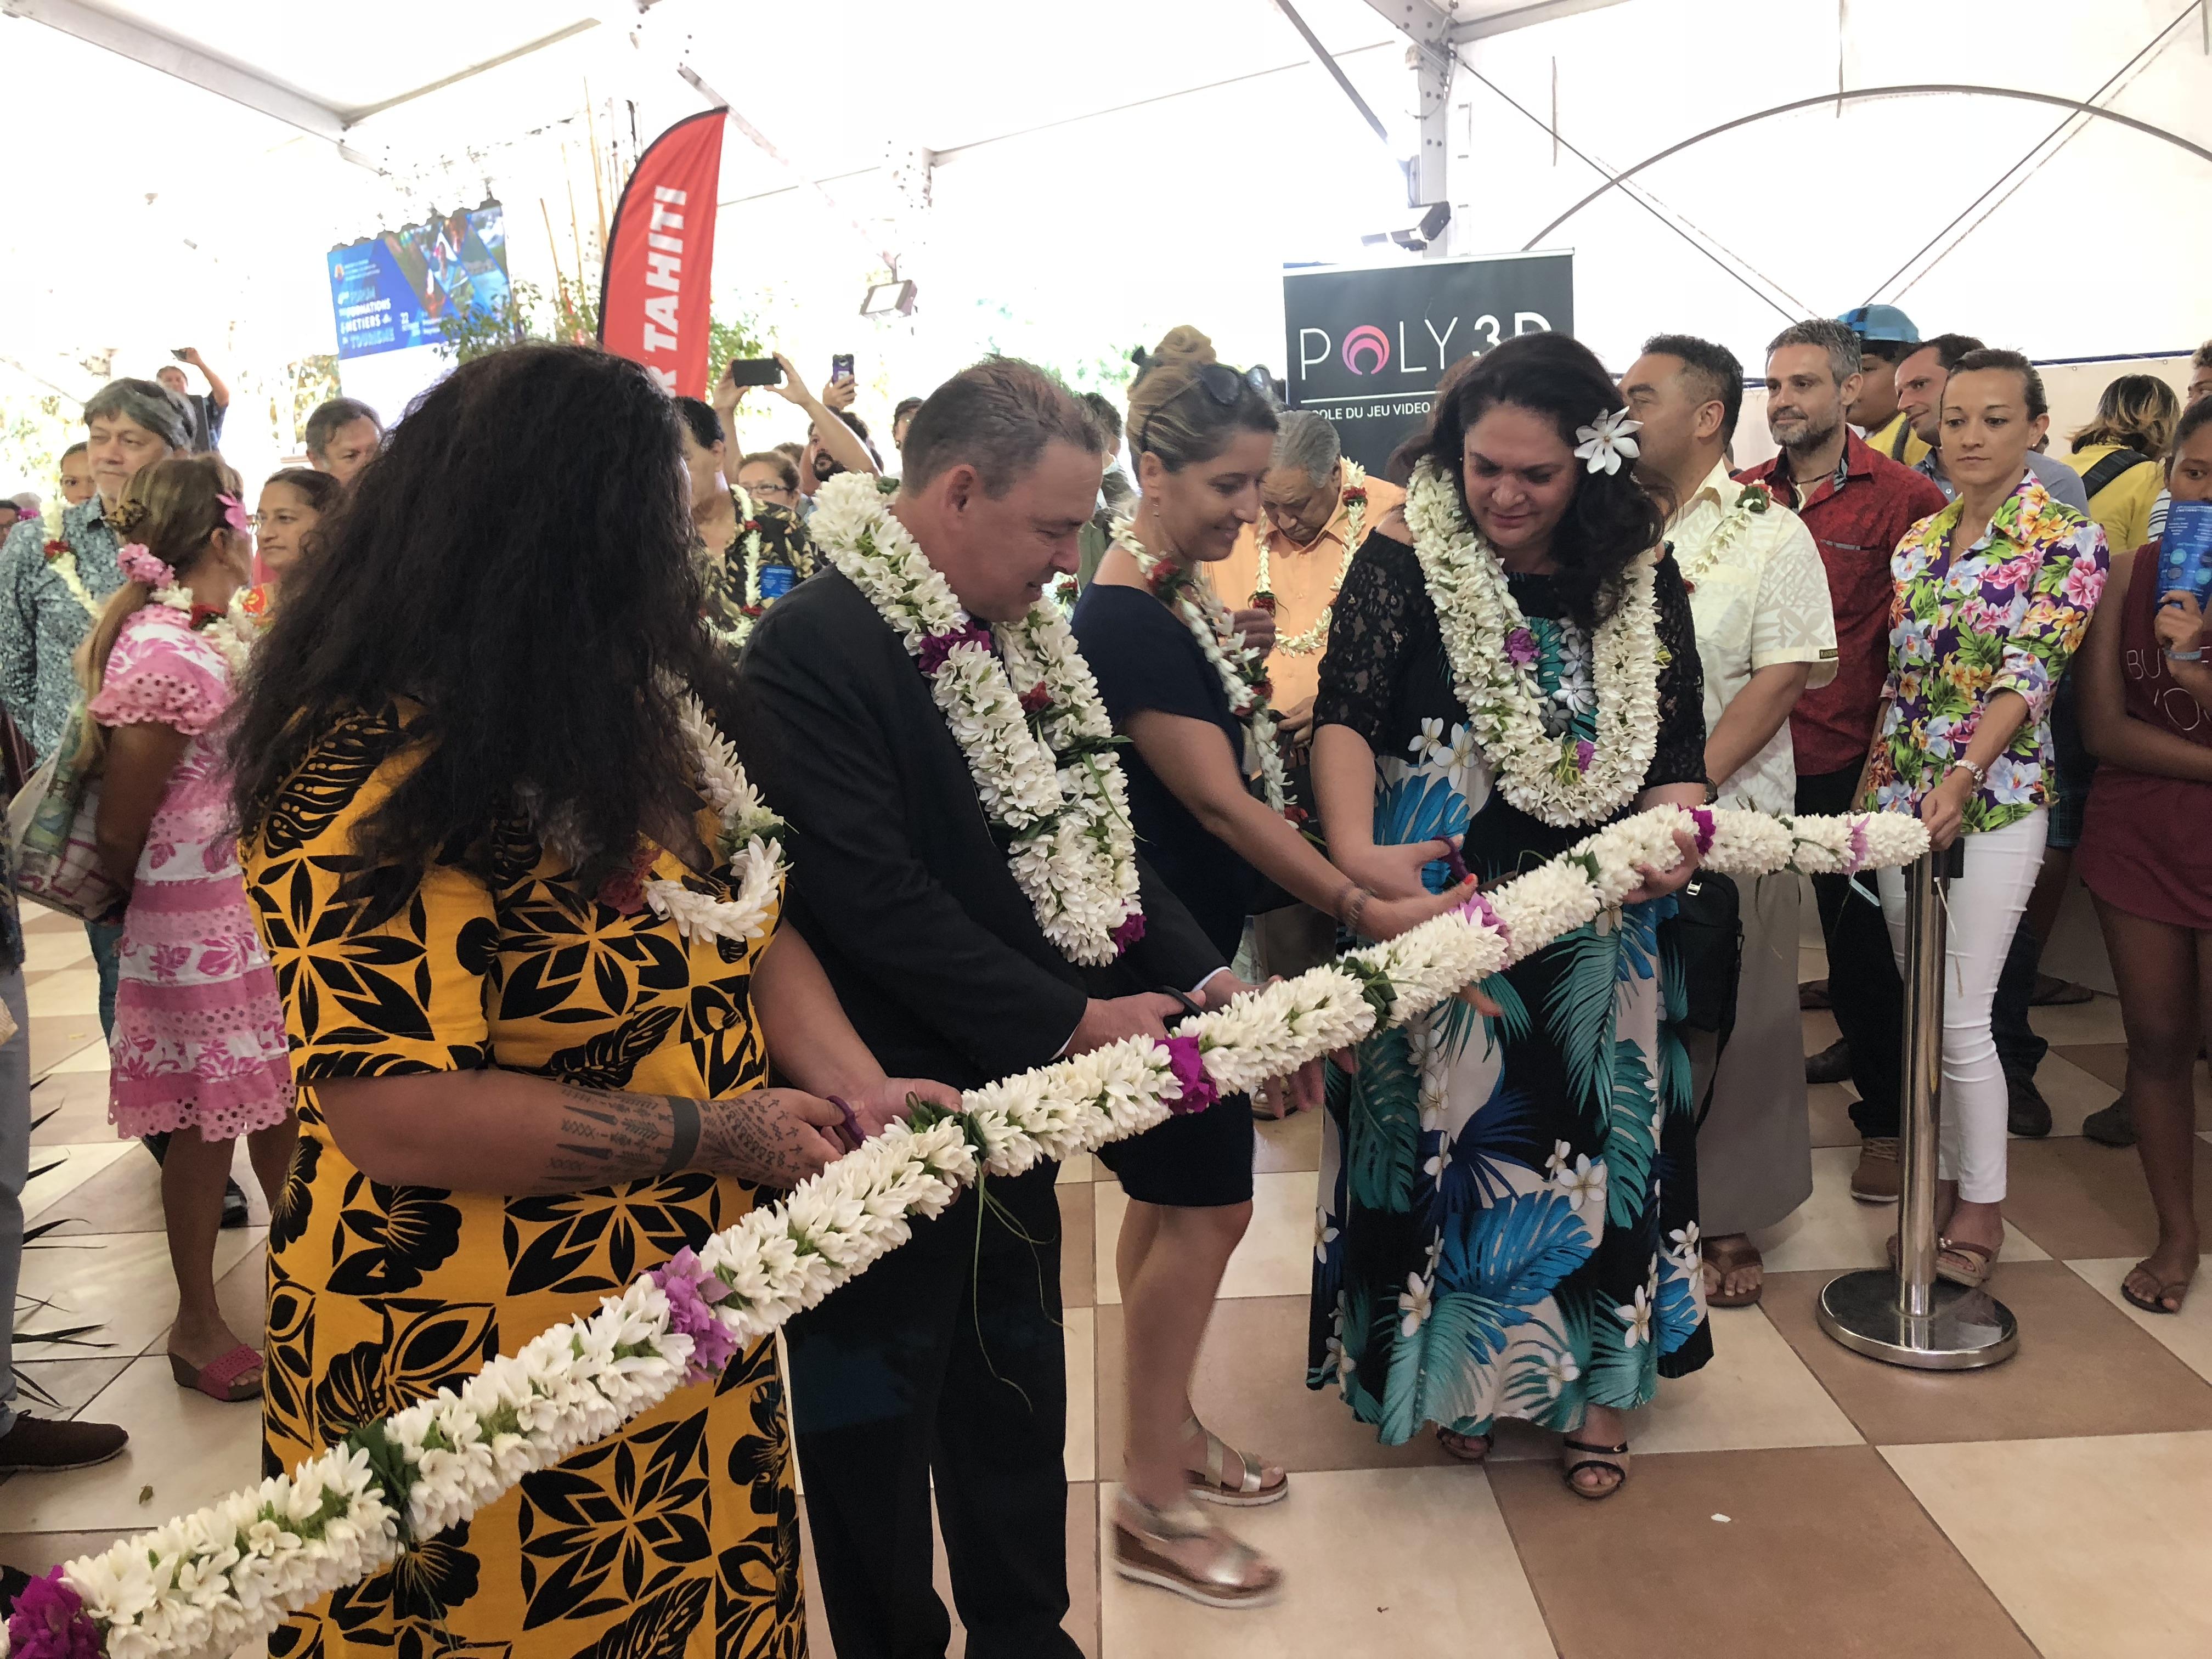 Des professionnels du tourisme de la région Pacifique, venus des Îles Cook, de la Nouvelle-Zélande, ou encore de Hawaii, et de l'Île de Pâques ont fait le déplacement pour l'événement.